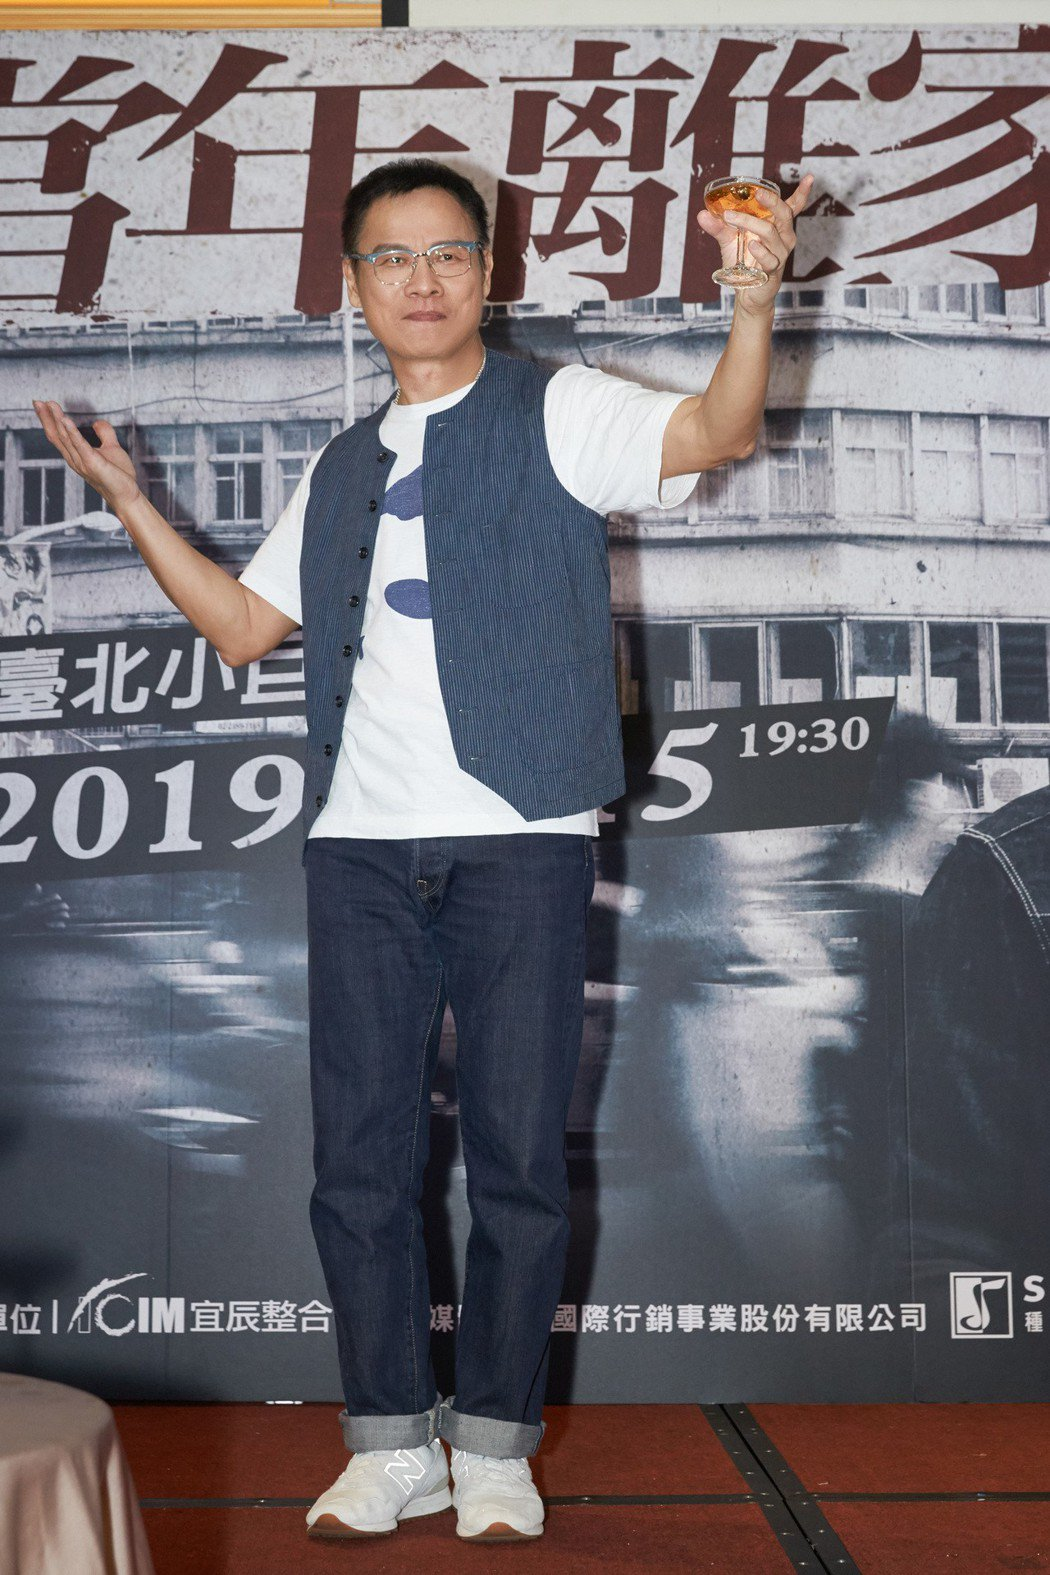 羅大佑順利完成「當年離家的年輕人2.0—青春無悔追夢版」台北場。圖/種子提供